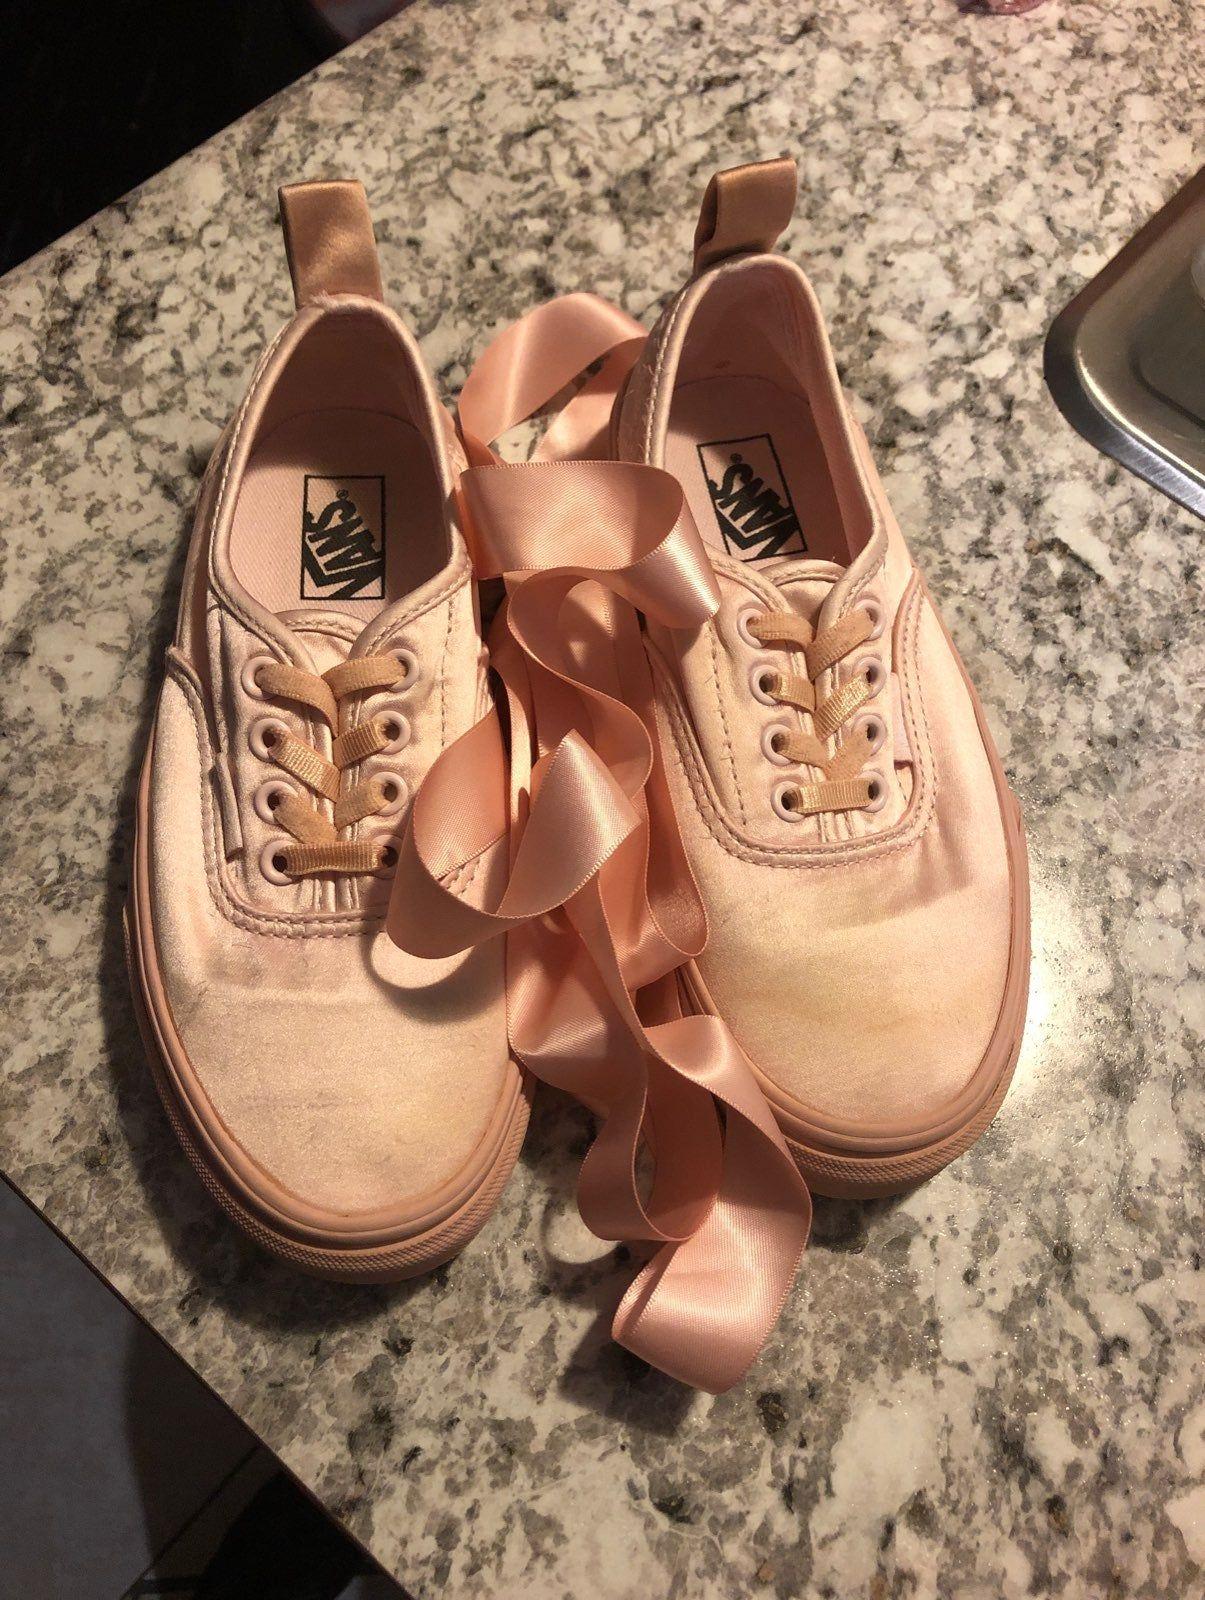 vans size 2 shoes